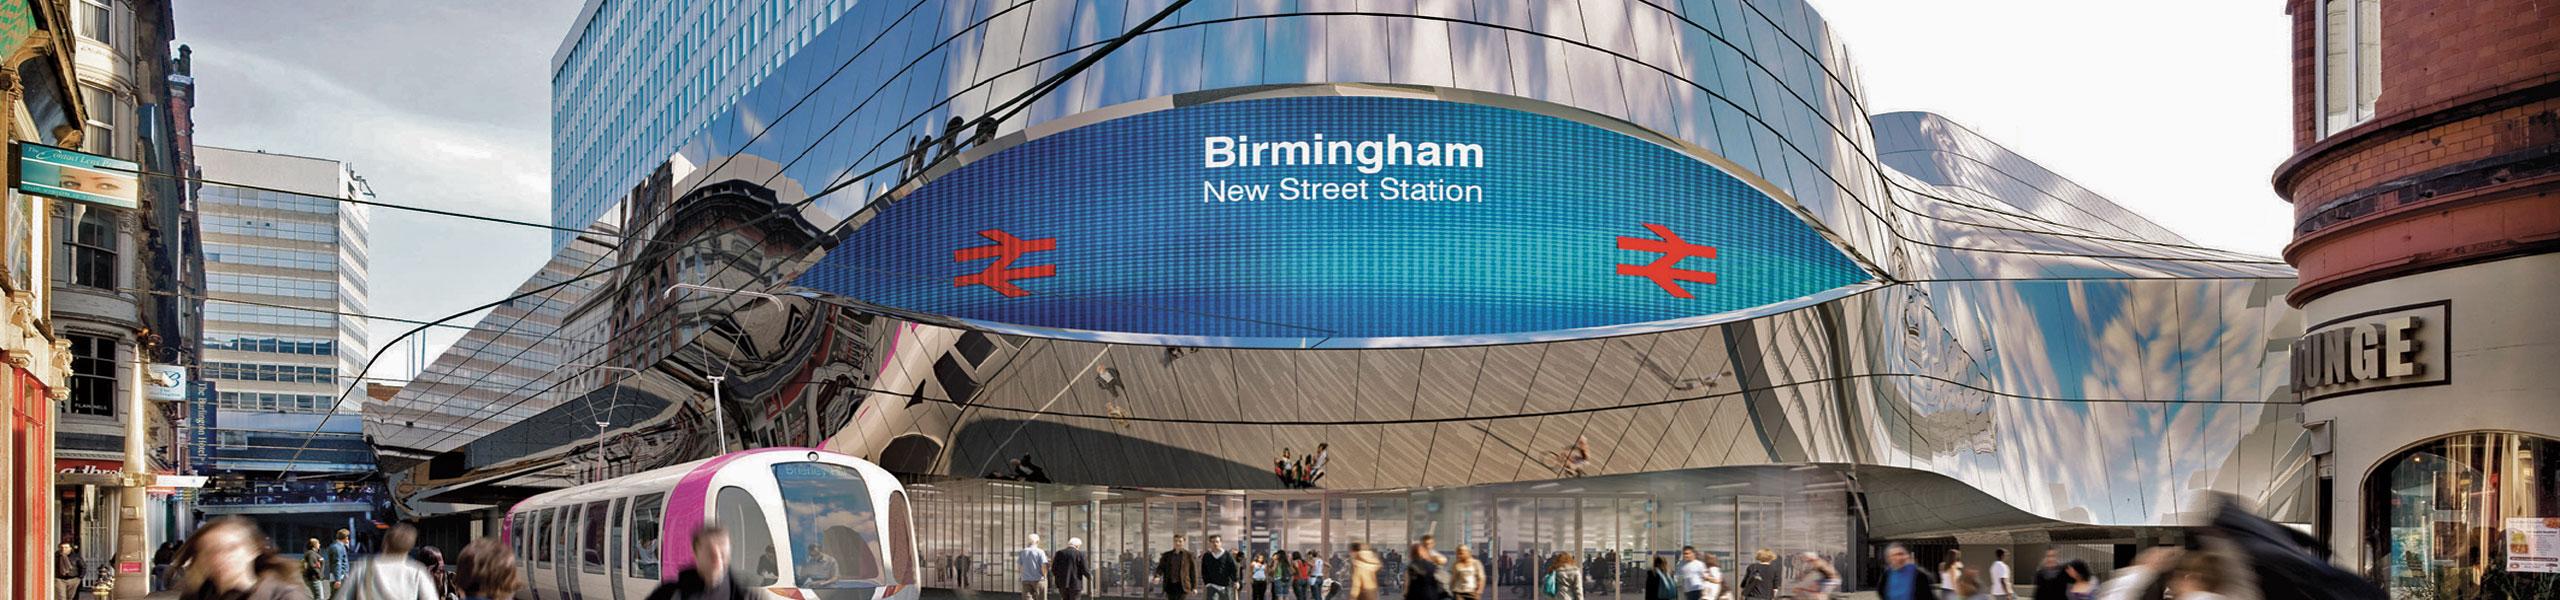 Biz Midlands Directory